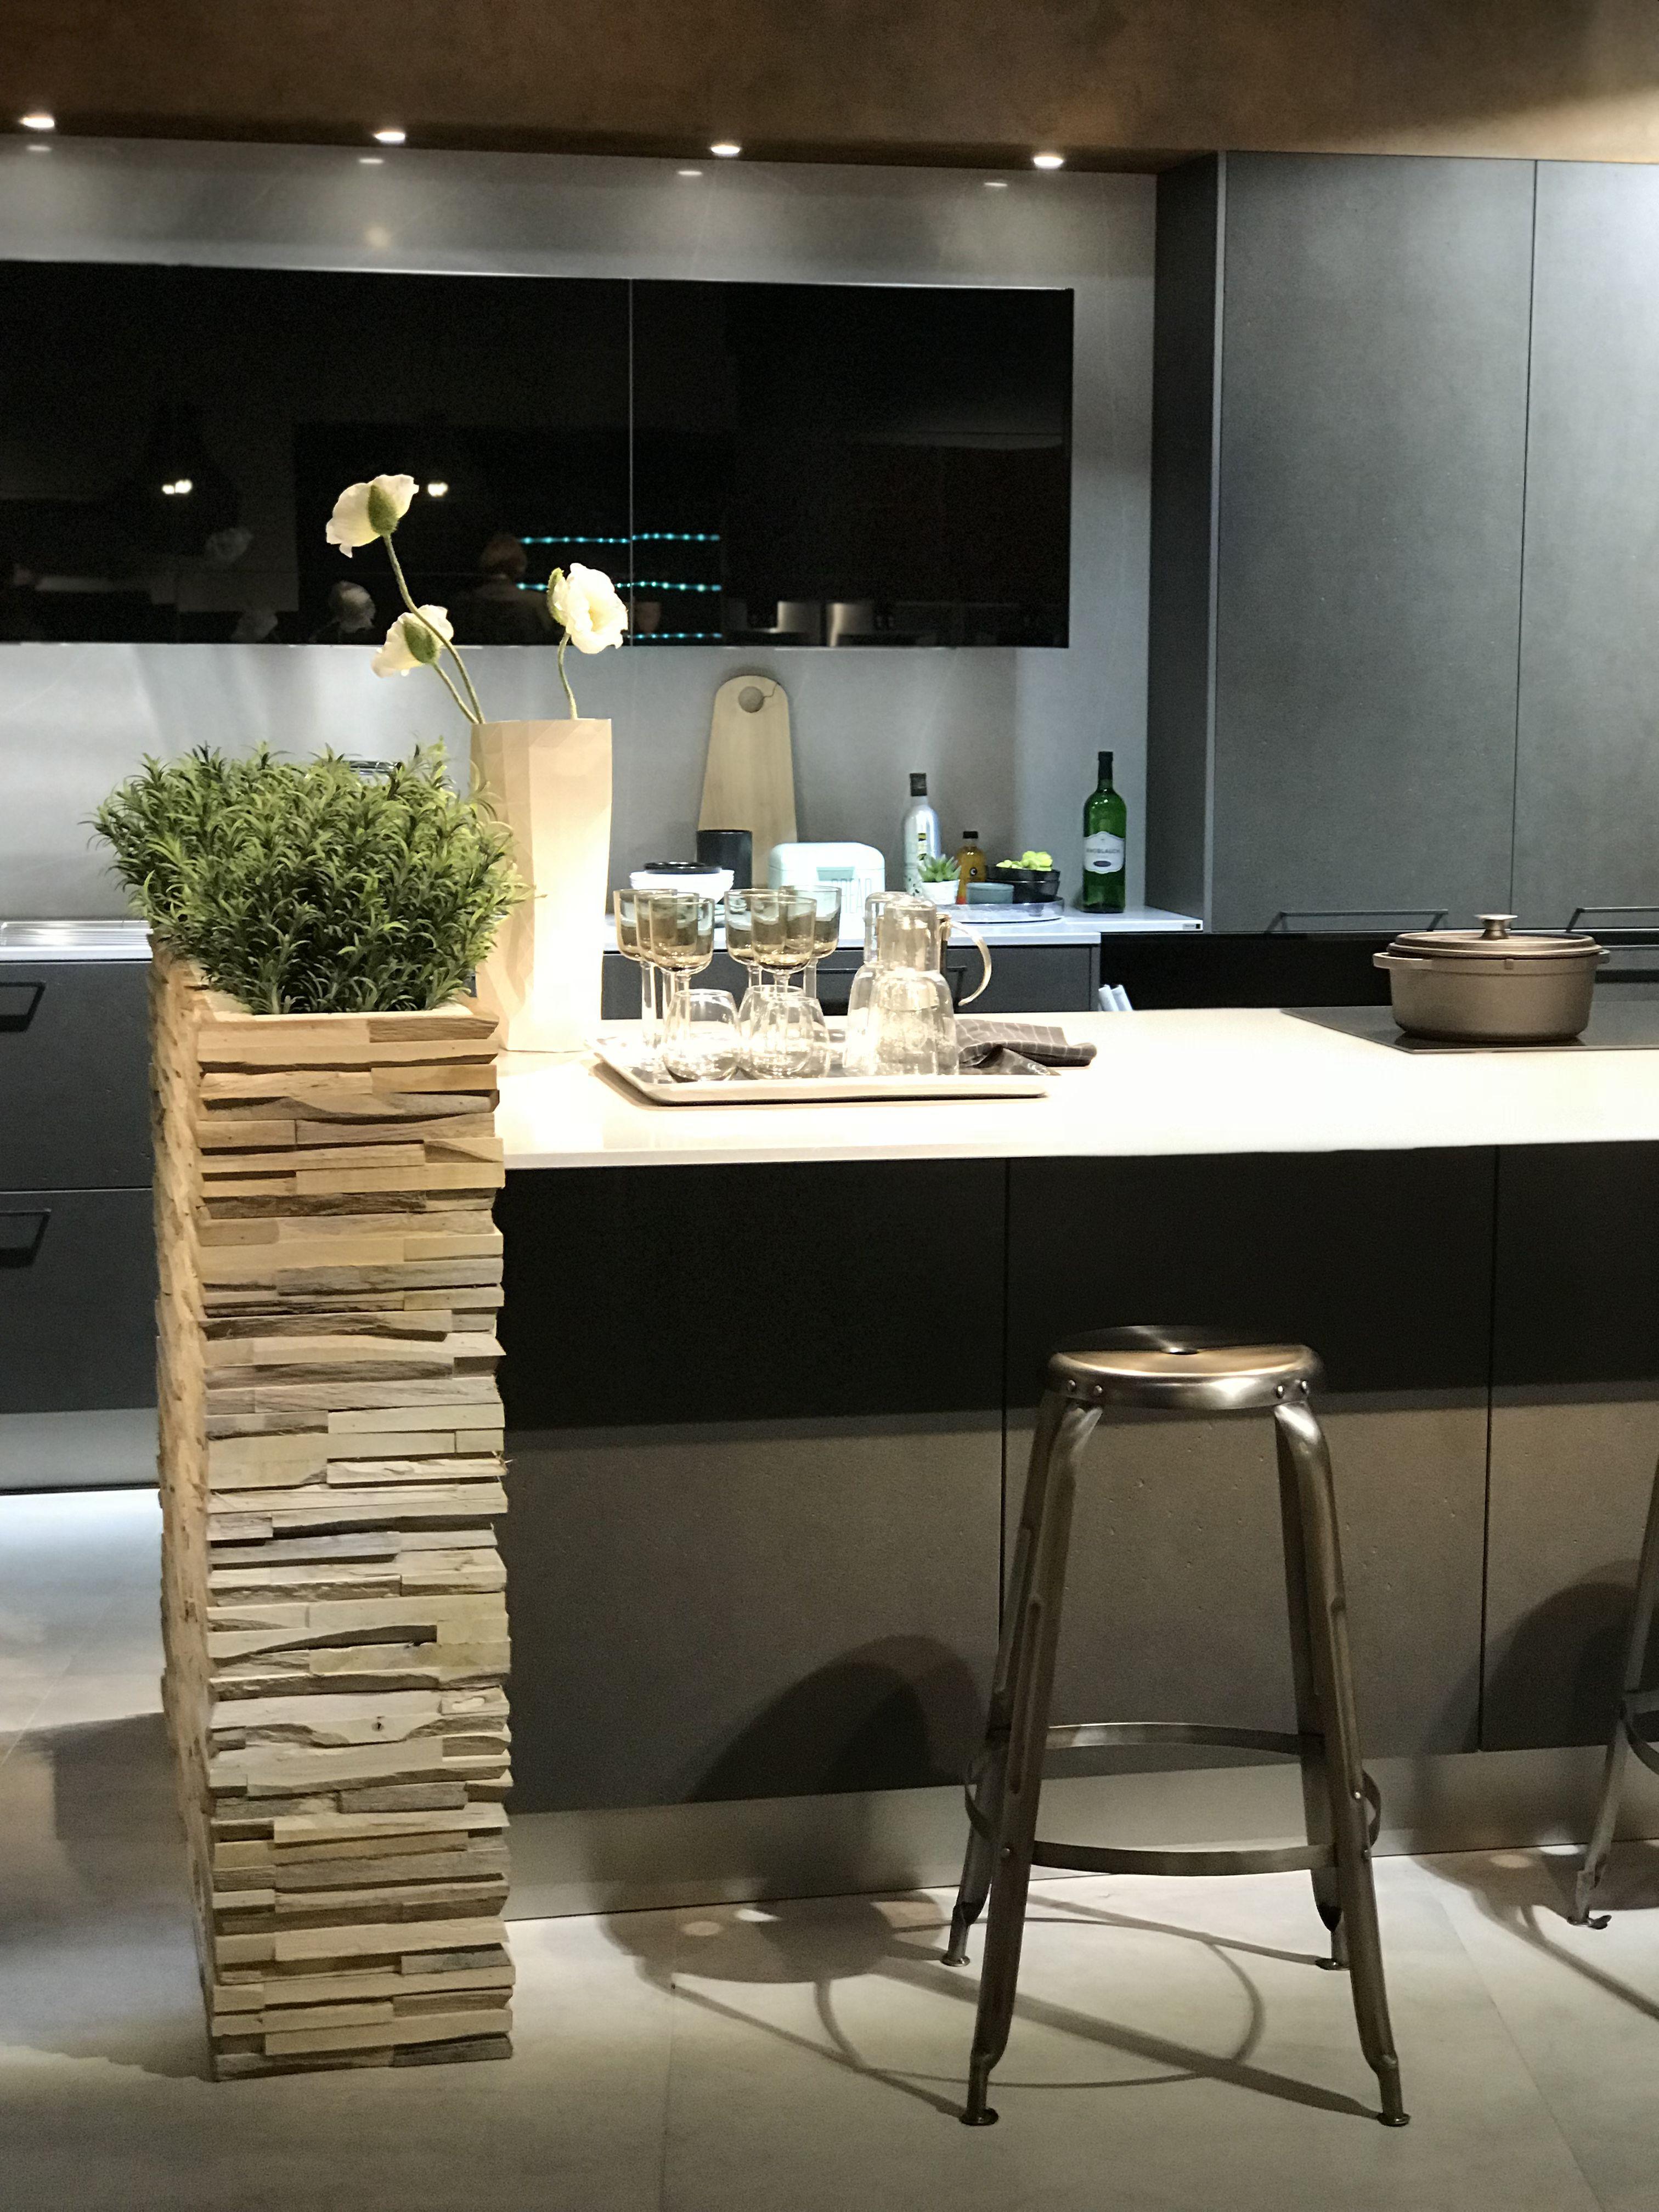 Berühmt Kücheninseln Toronto Galerie - Ideen Für Die Küche ...